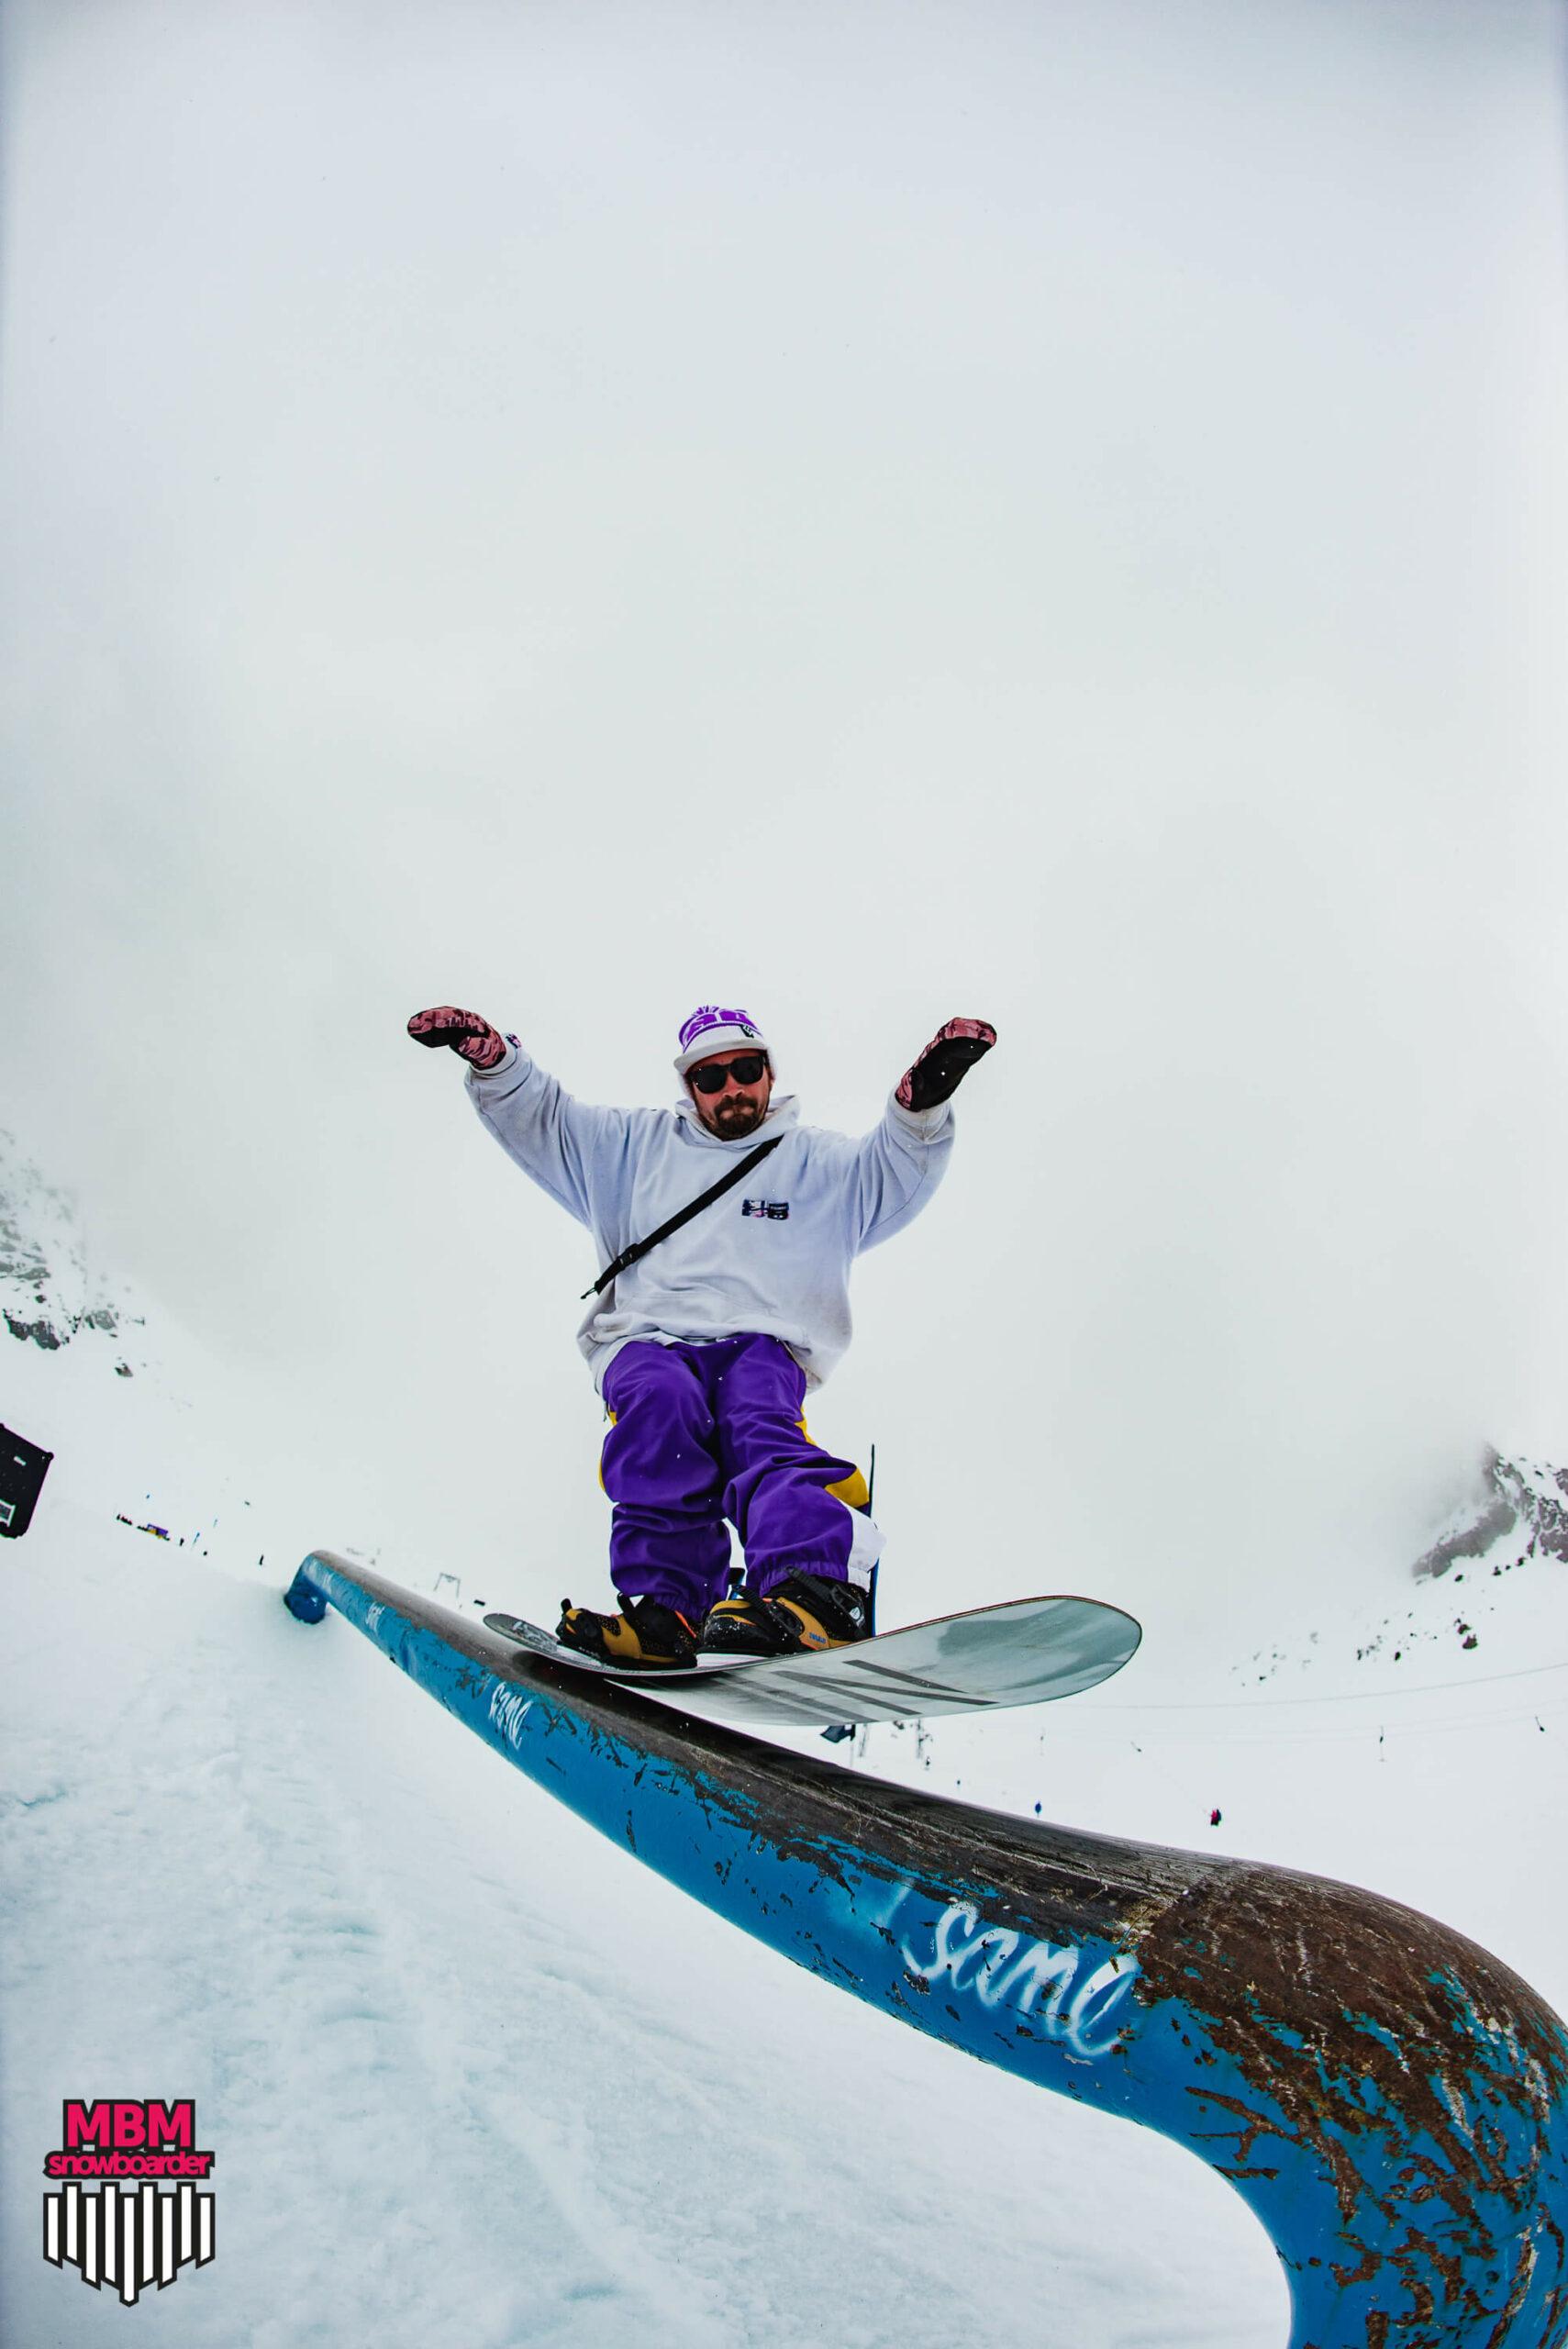 snowboarderMBM_sd_kaunertal_092